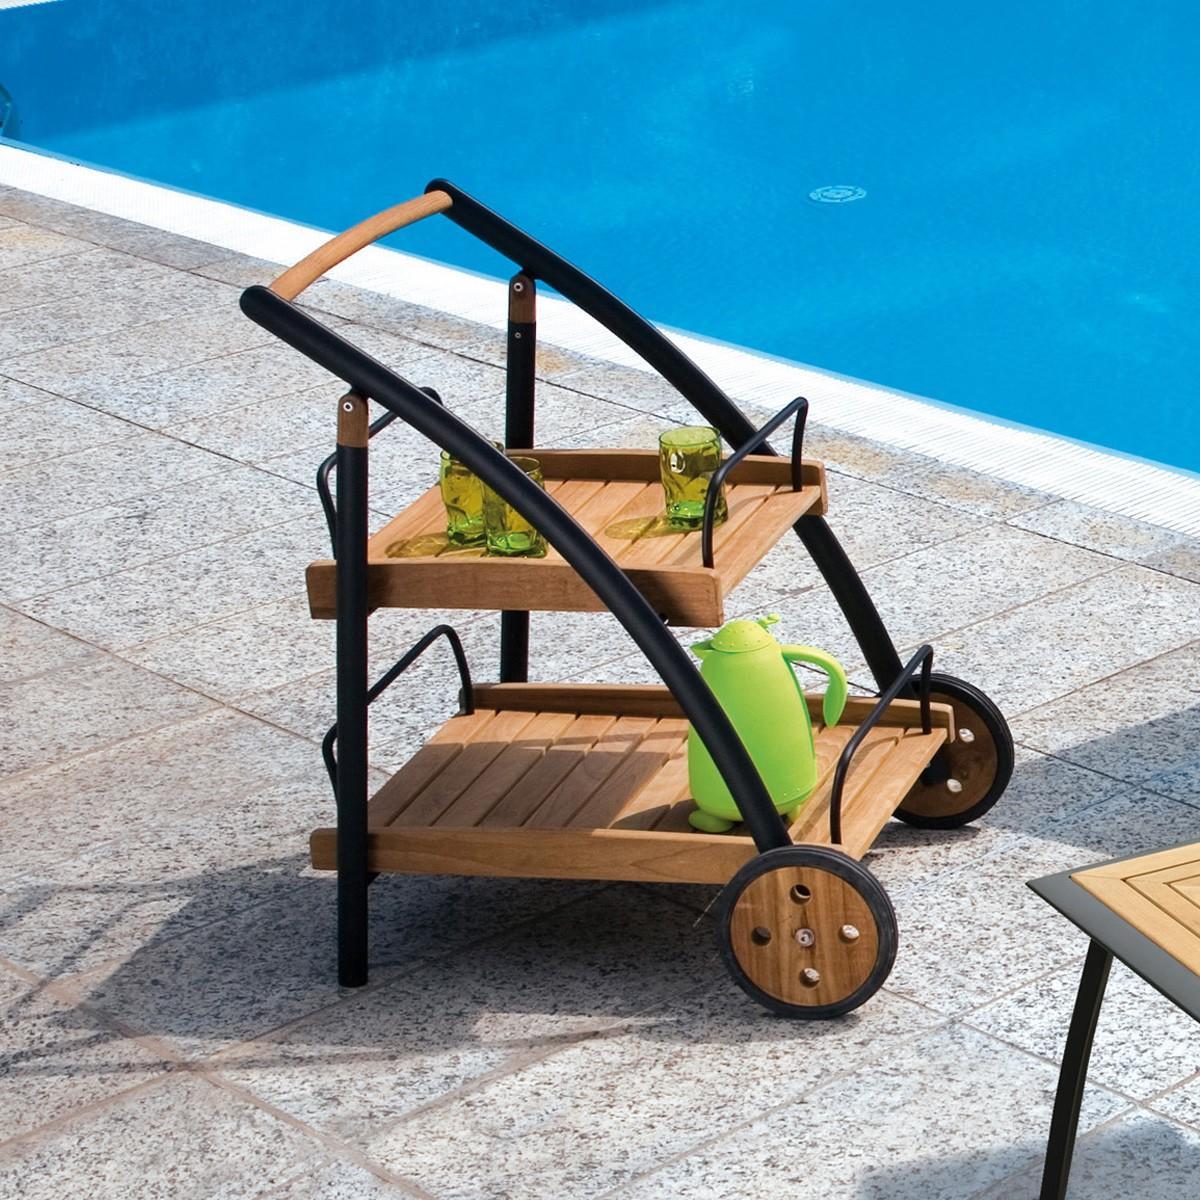 Descrizione completa carrello porta vivande dalle linee eleganti e moderne e 39 realizzato in - Carrello portavivande da giardino ...